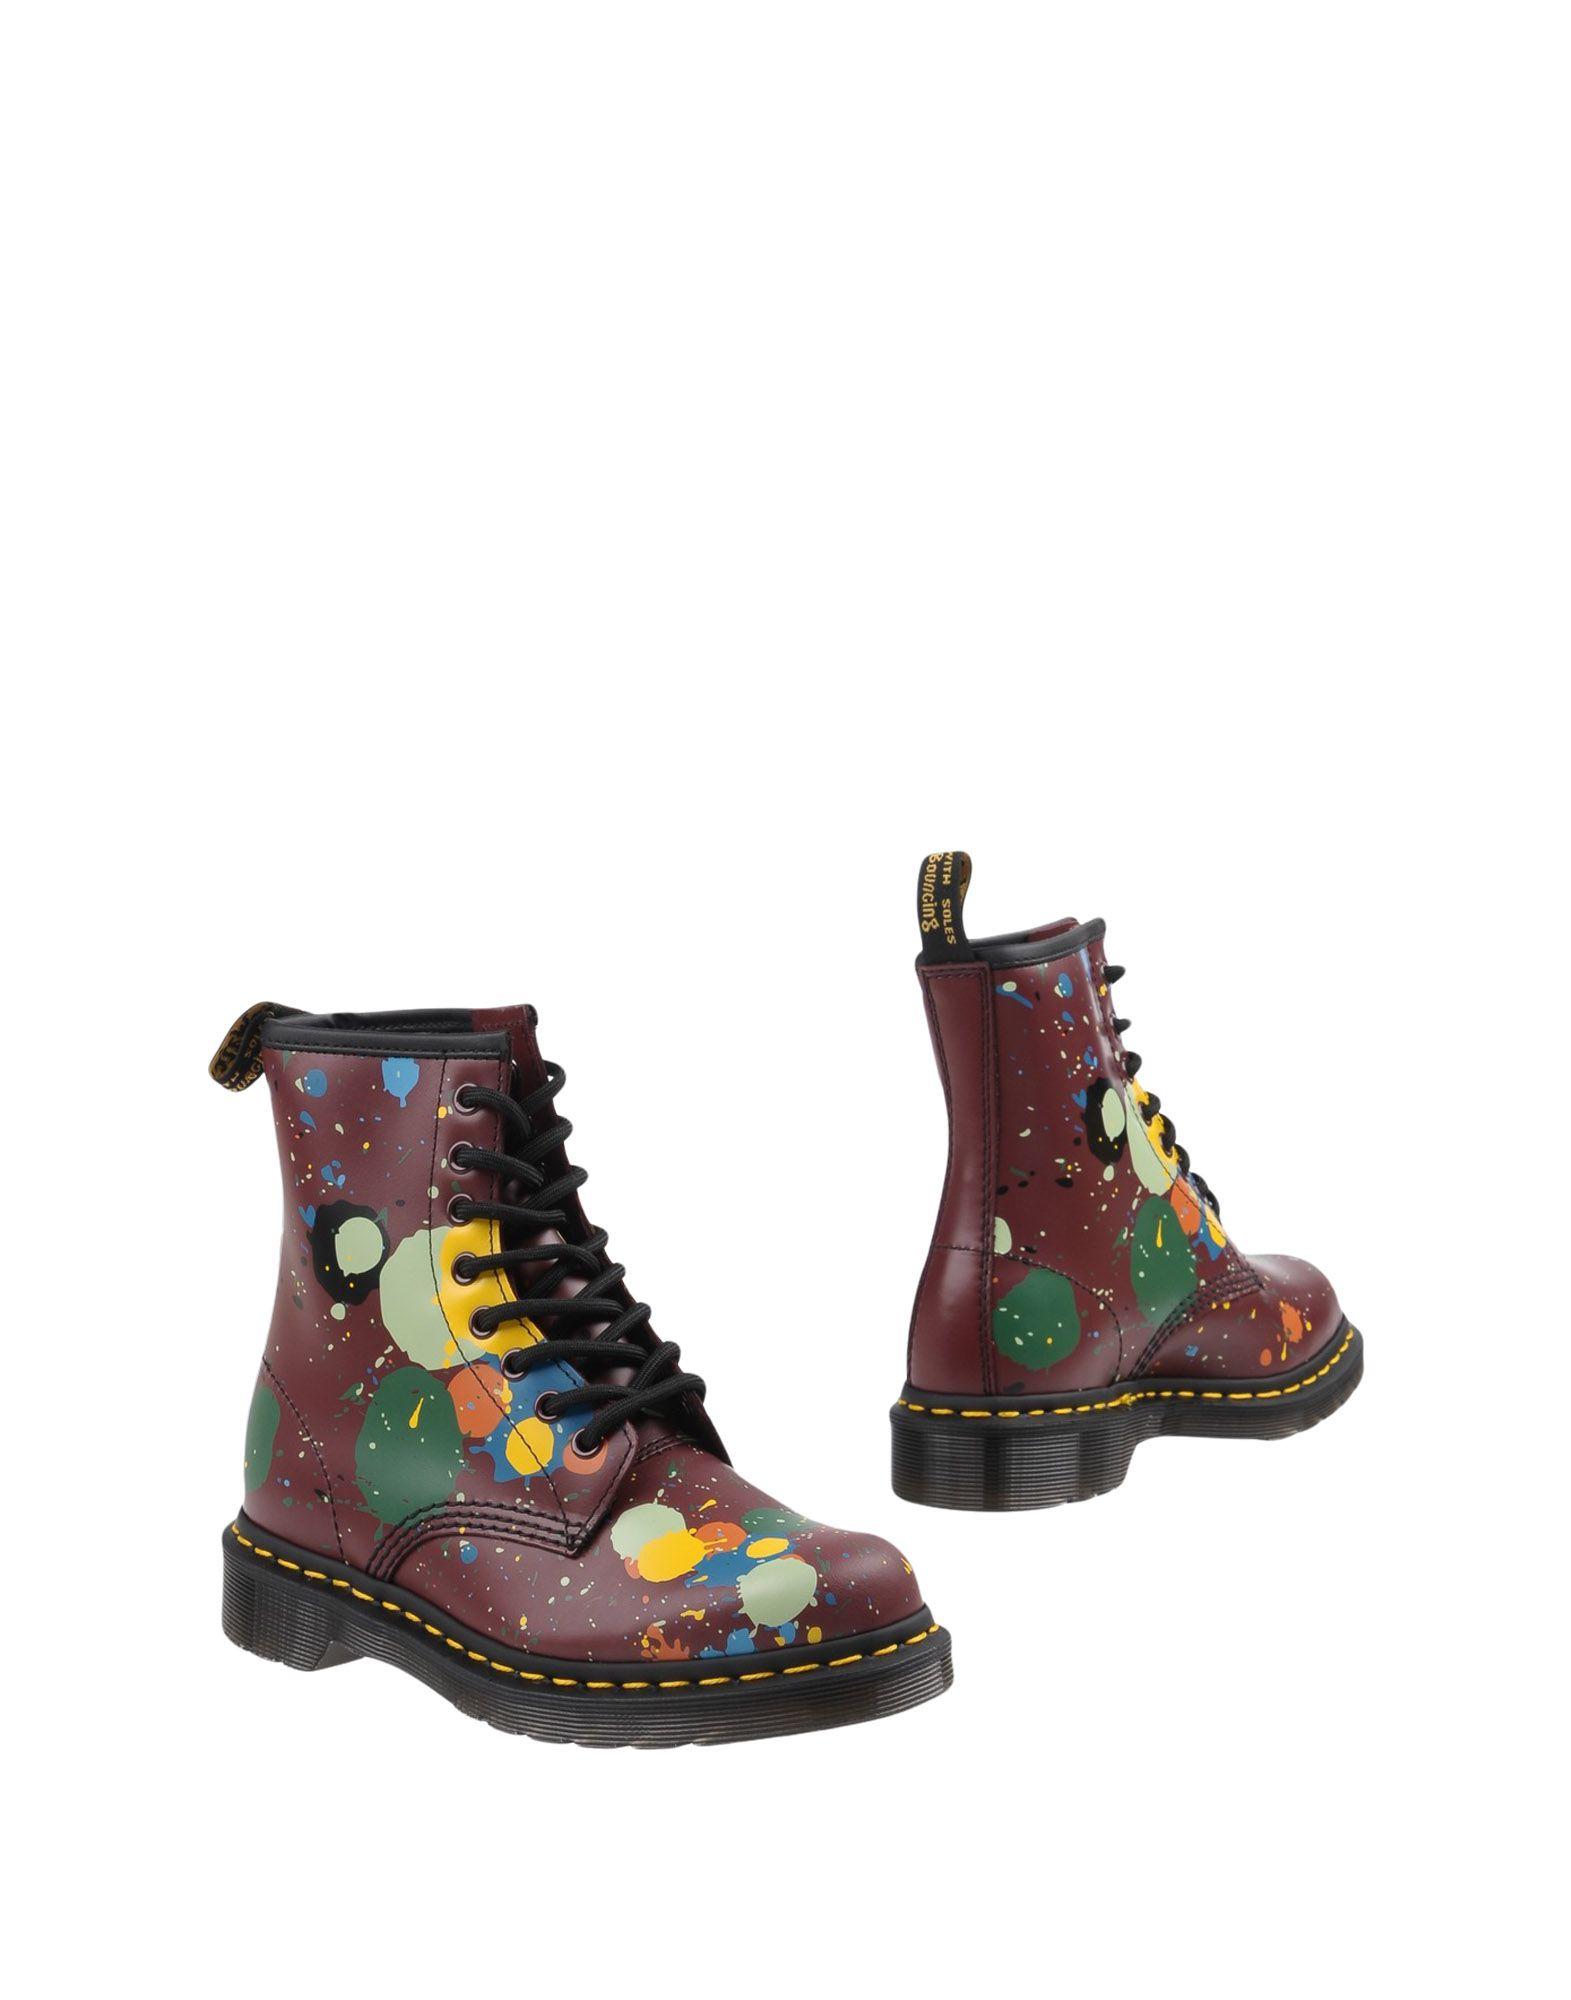 Dr. Martens Stiefelette Damen  11340976QK Gute Qualität beliebte Schuhe